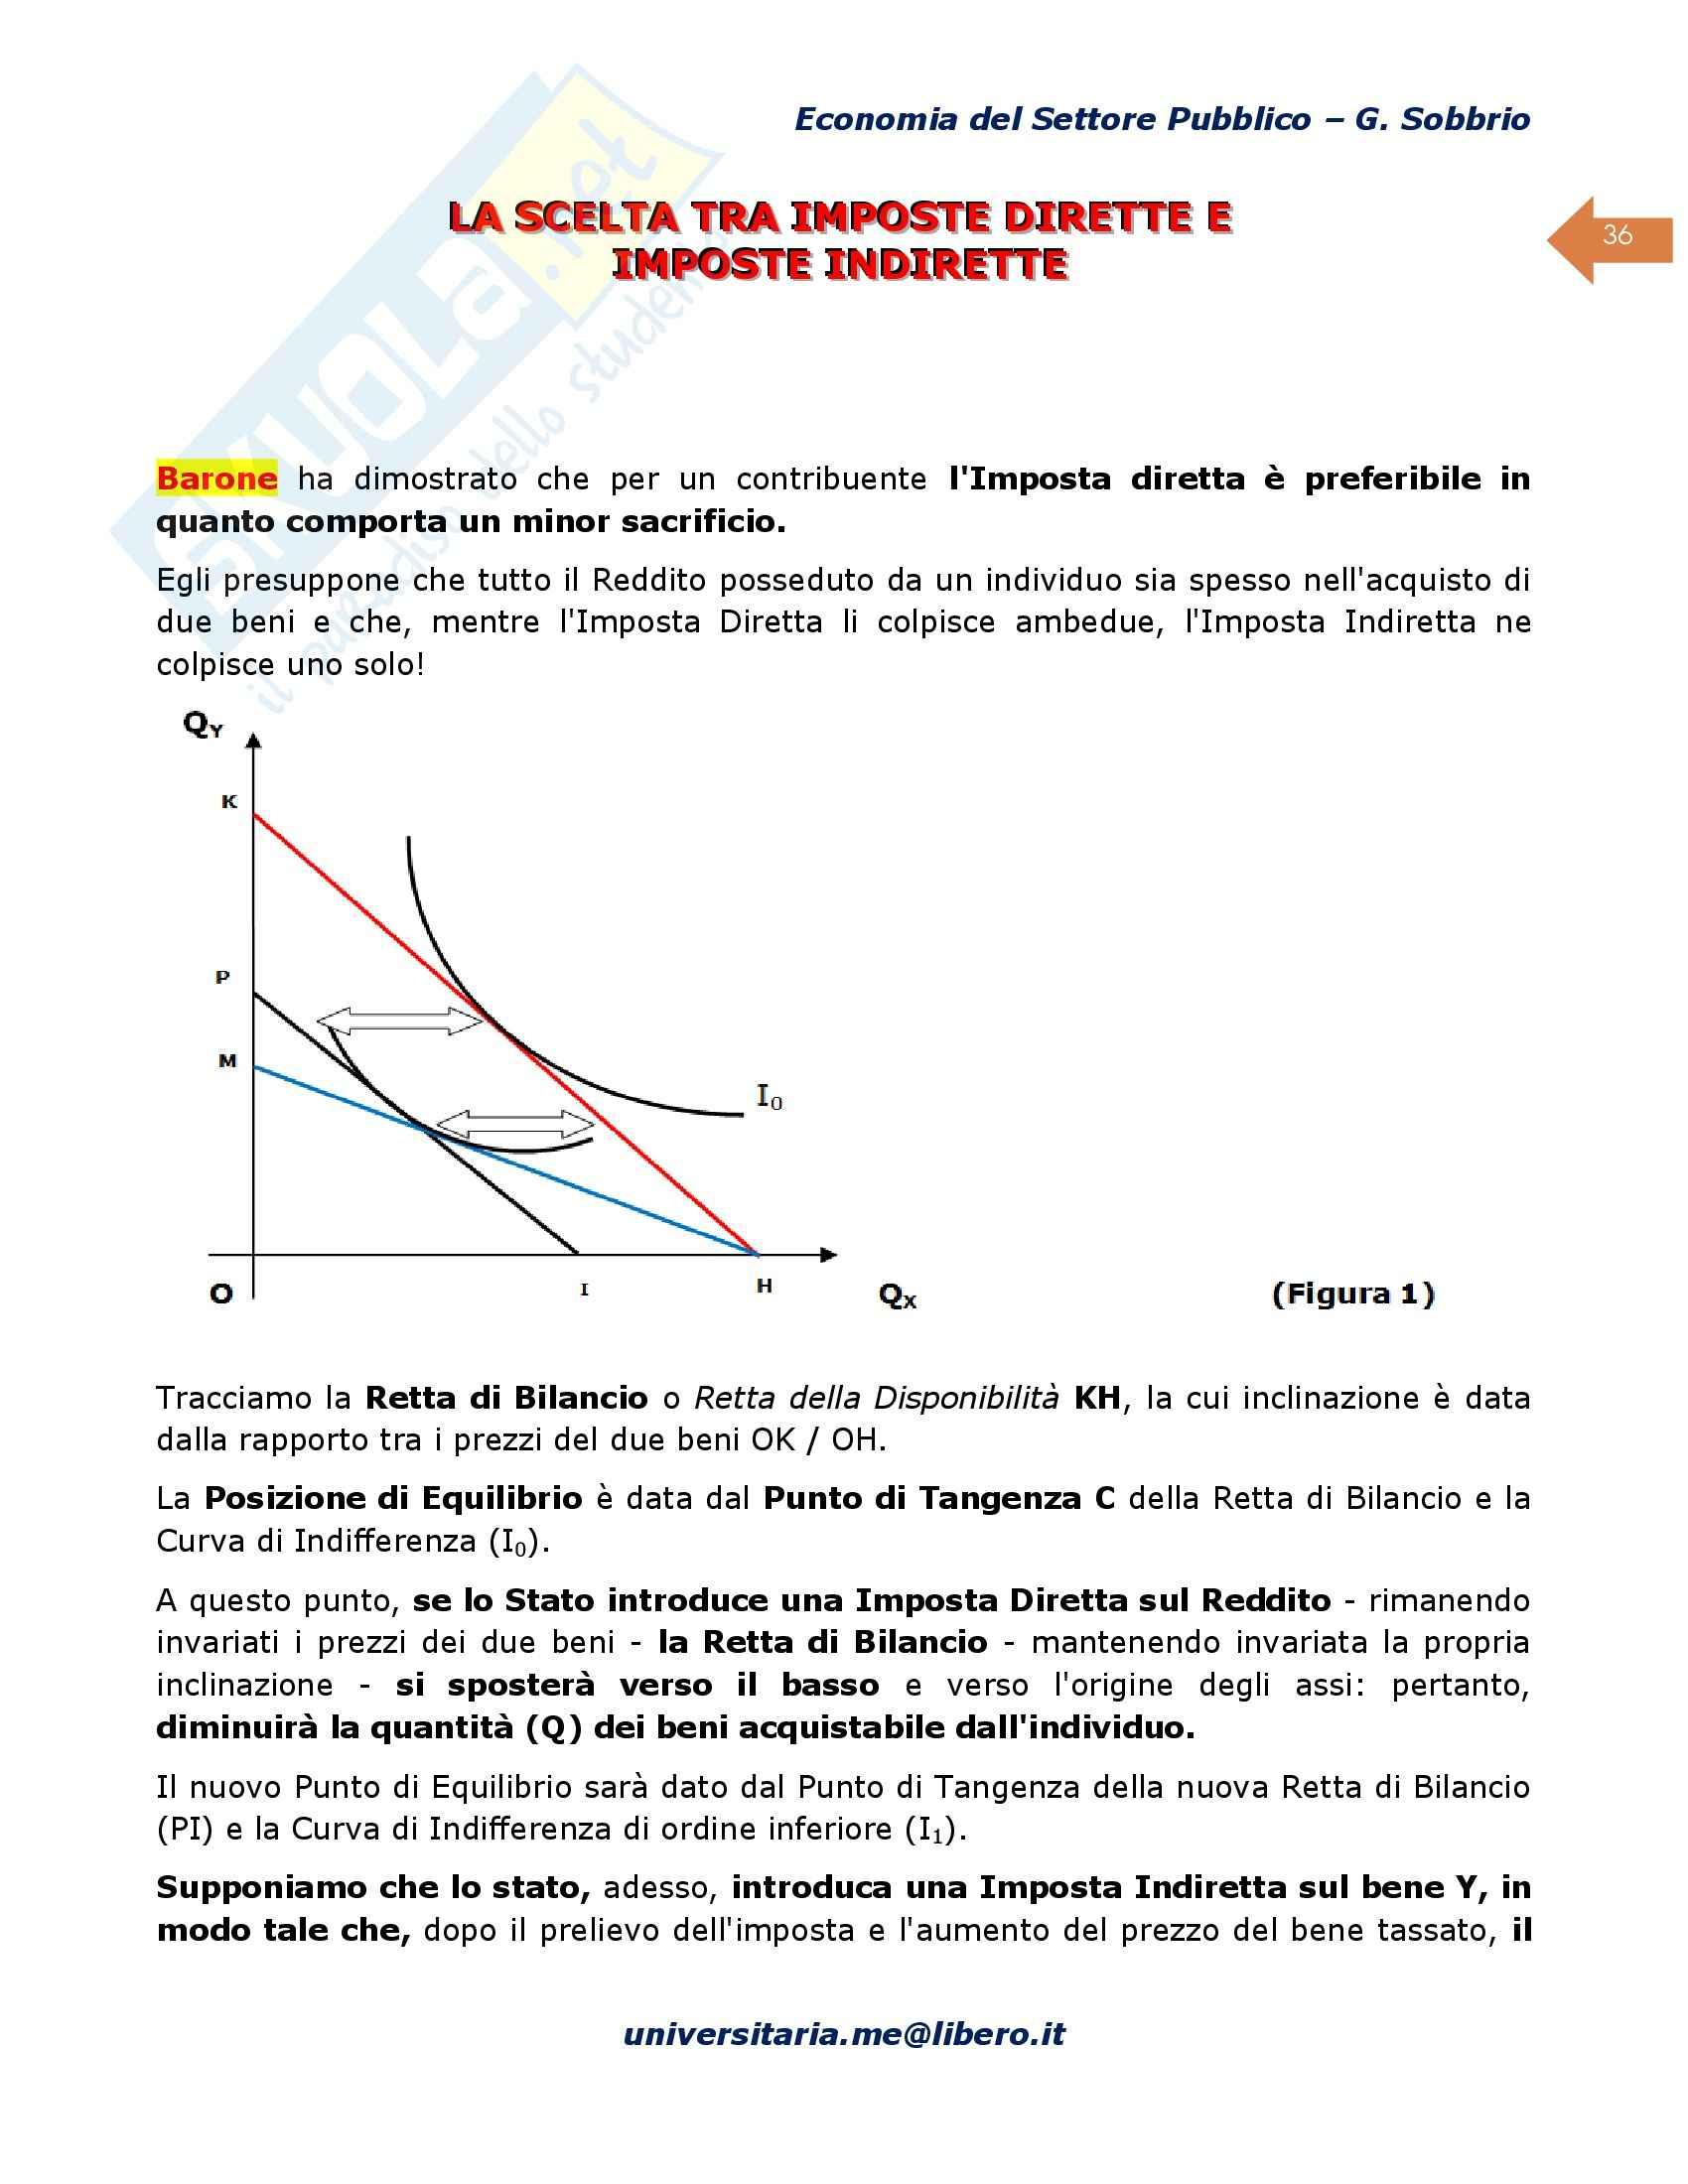 Riassunto esame Scienze Finanze, prof. D'Agostino, libro consigliato Economia del Settore Pubblico, Sobbrio Pag. 36